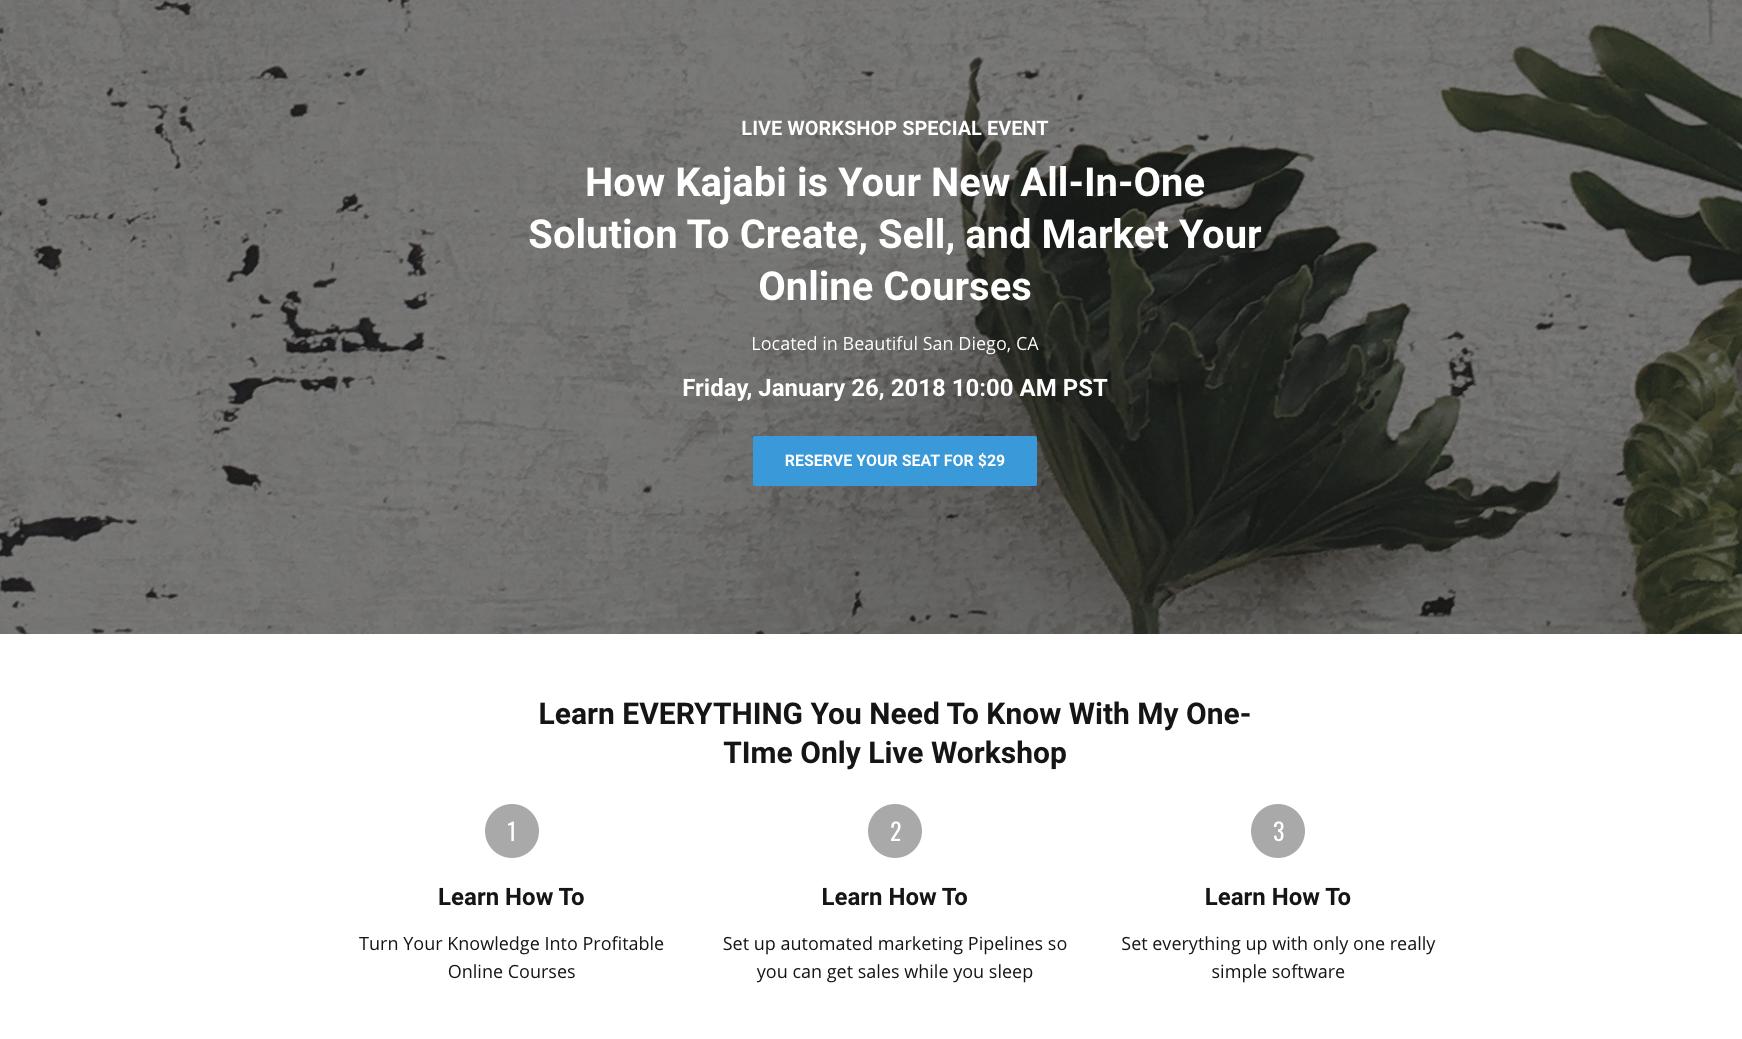 Kajabi workshop landing page with CTA